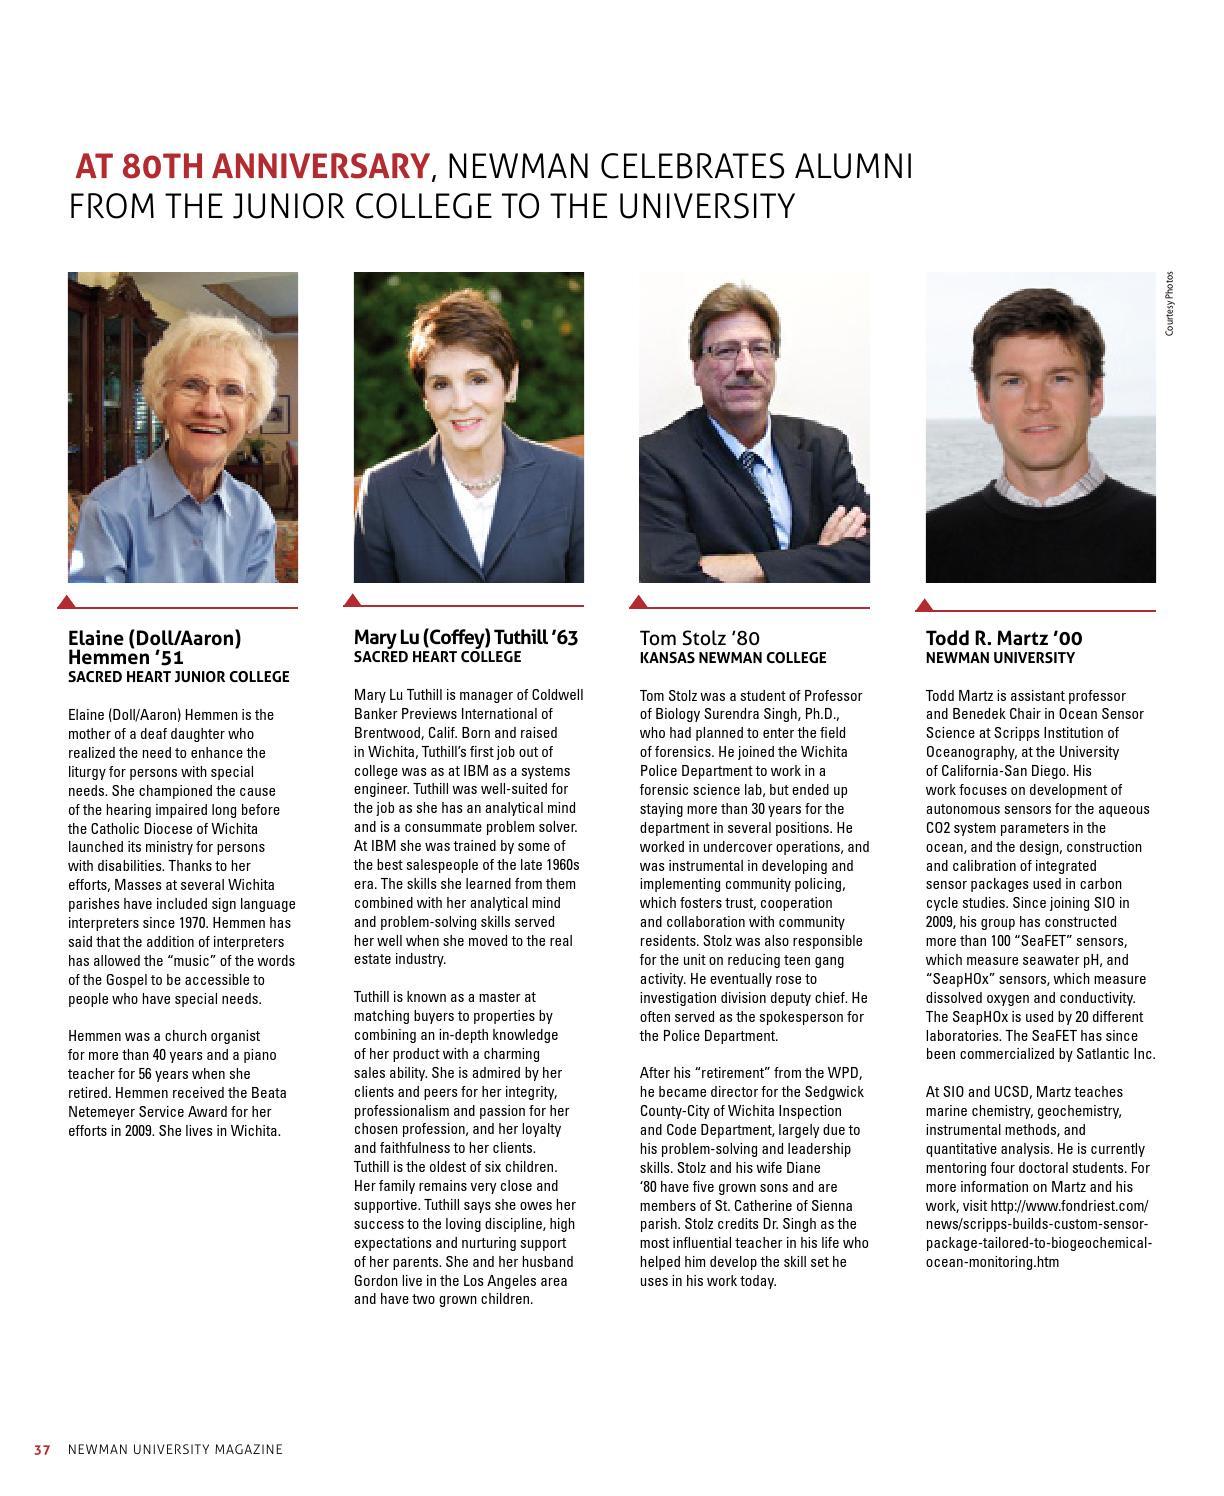 2013 Fall Newman University Magazine by Newman University - issuu